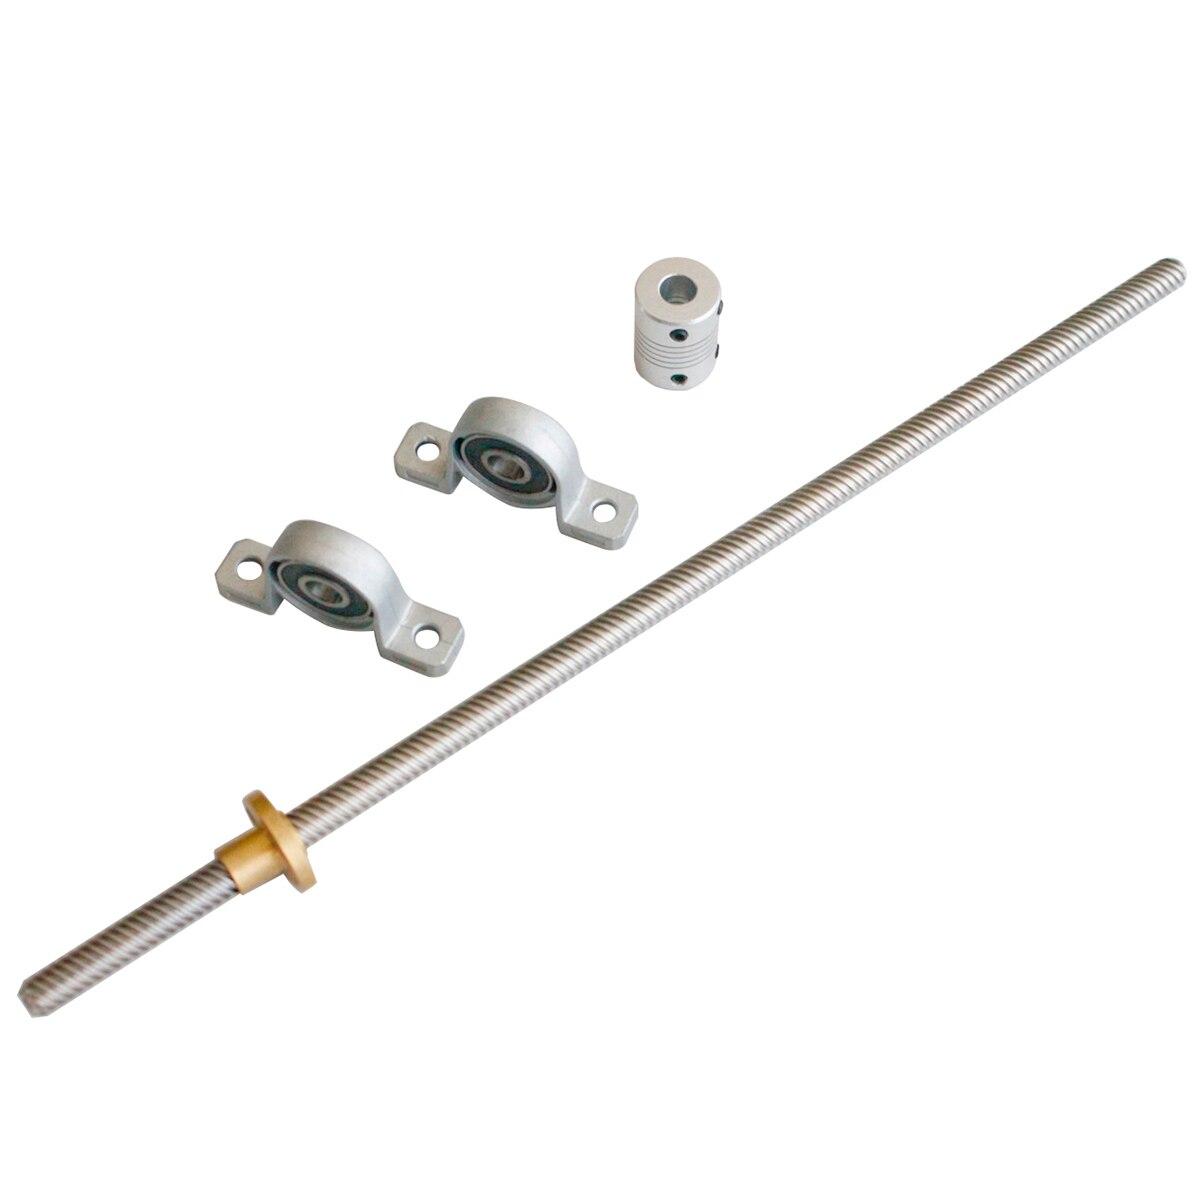 T8 2mm com Porca de Parafuso de Avanço 150-1200mm & Suporte do rolamento & 5*8 KP08 mm acoplamento flexível 3D peças da impressora